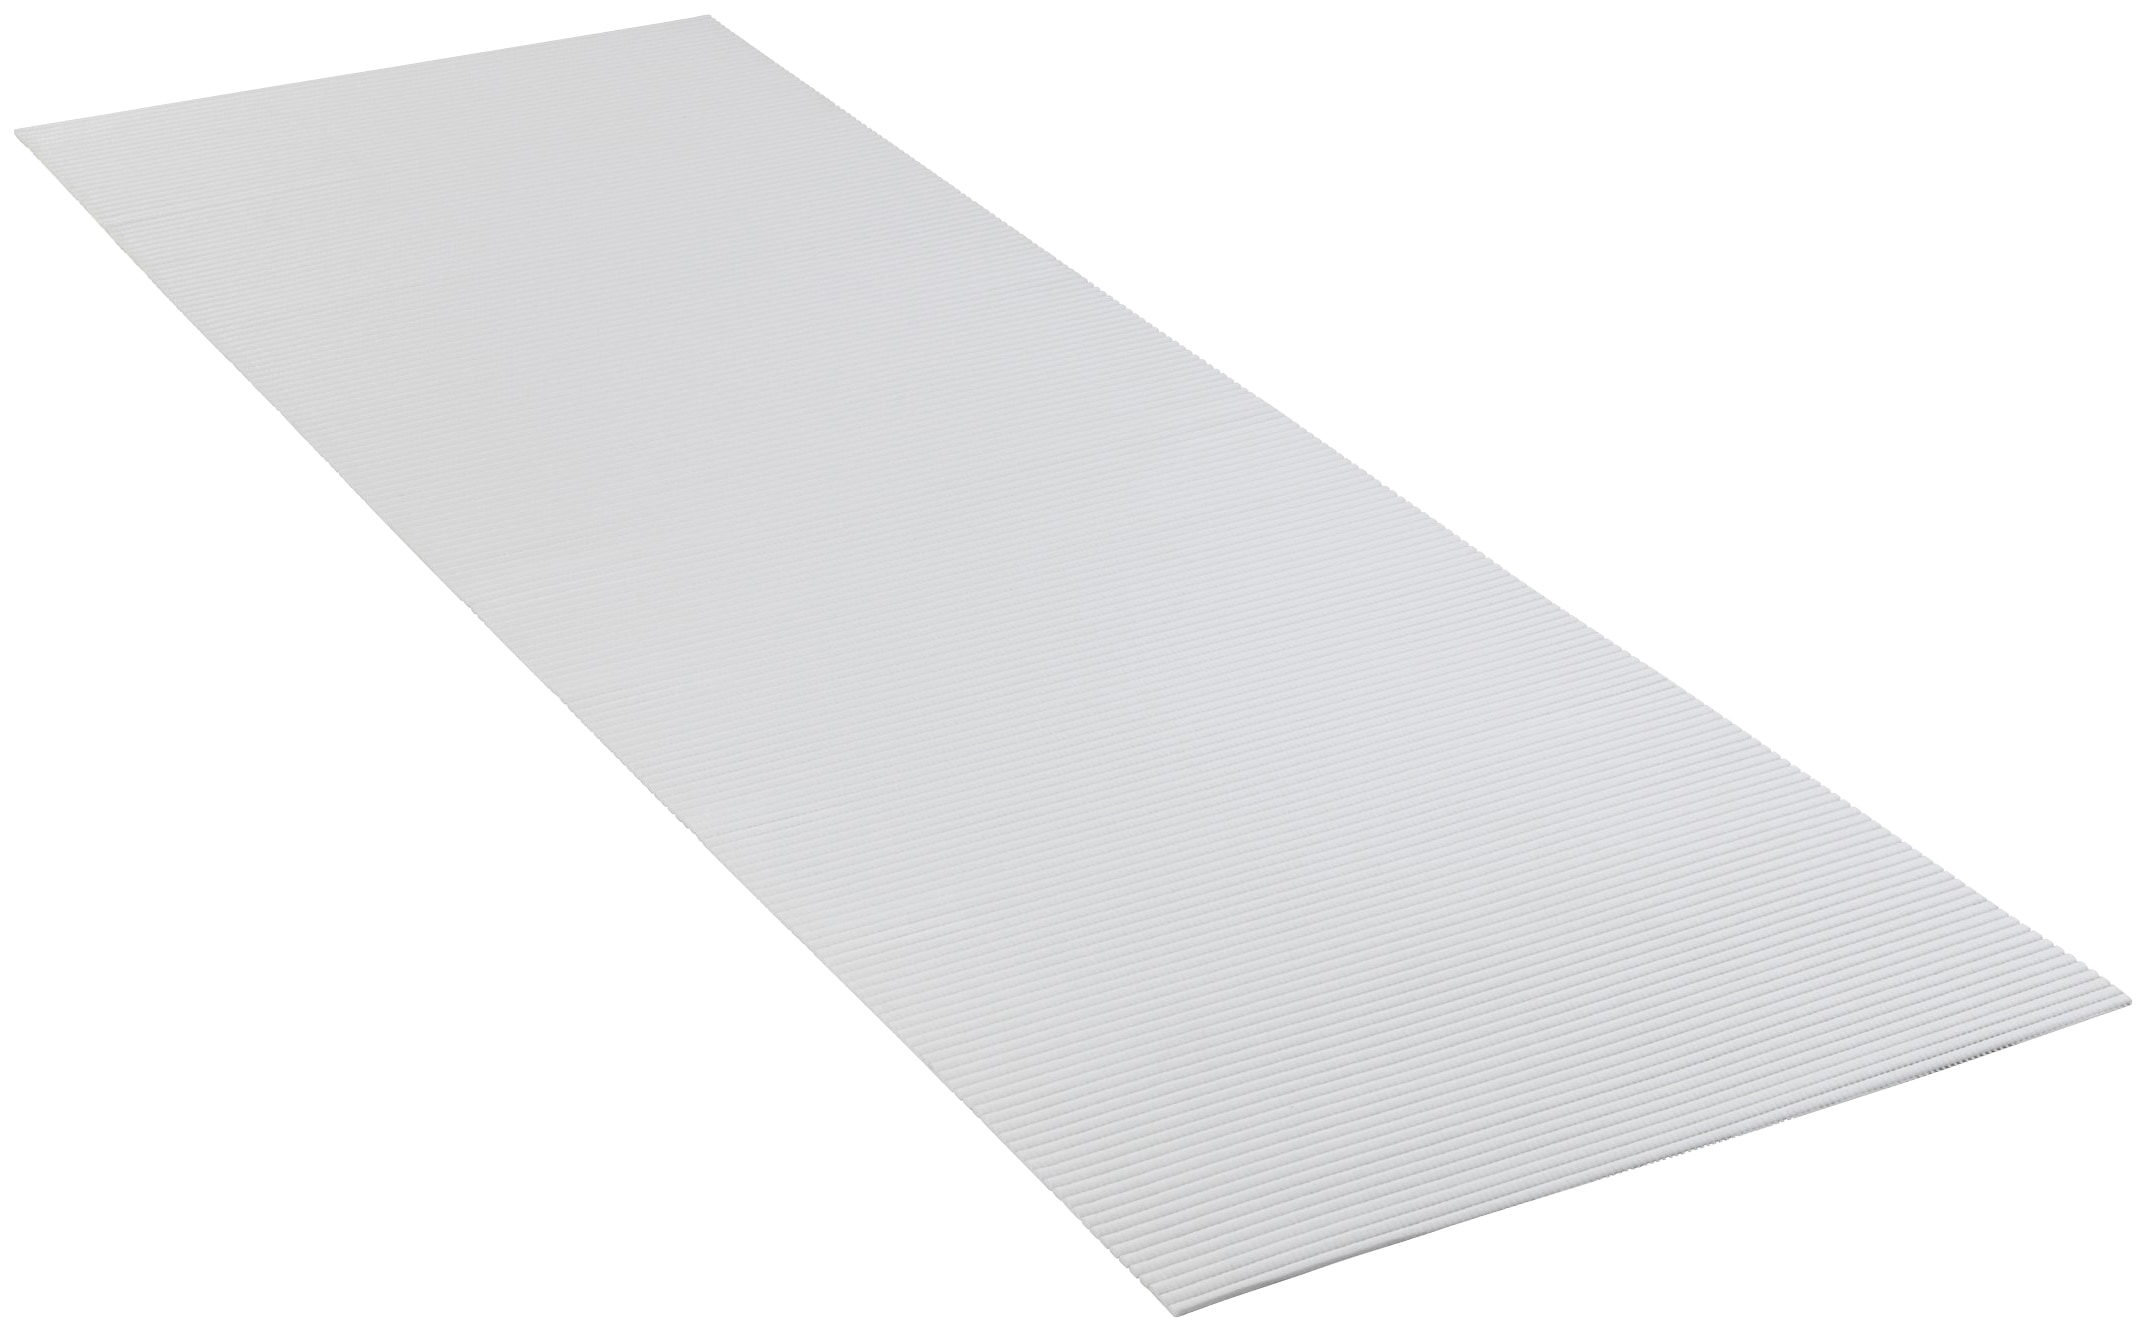 WENKO Badematte, Höhe 50 mm, BxL: 65 x 200 cm weiß Badematte Badematten